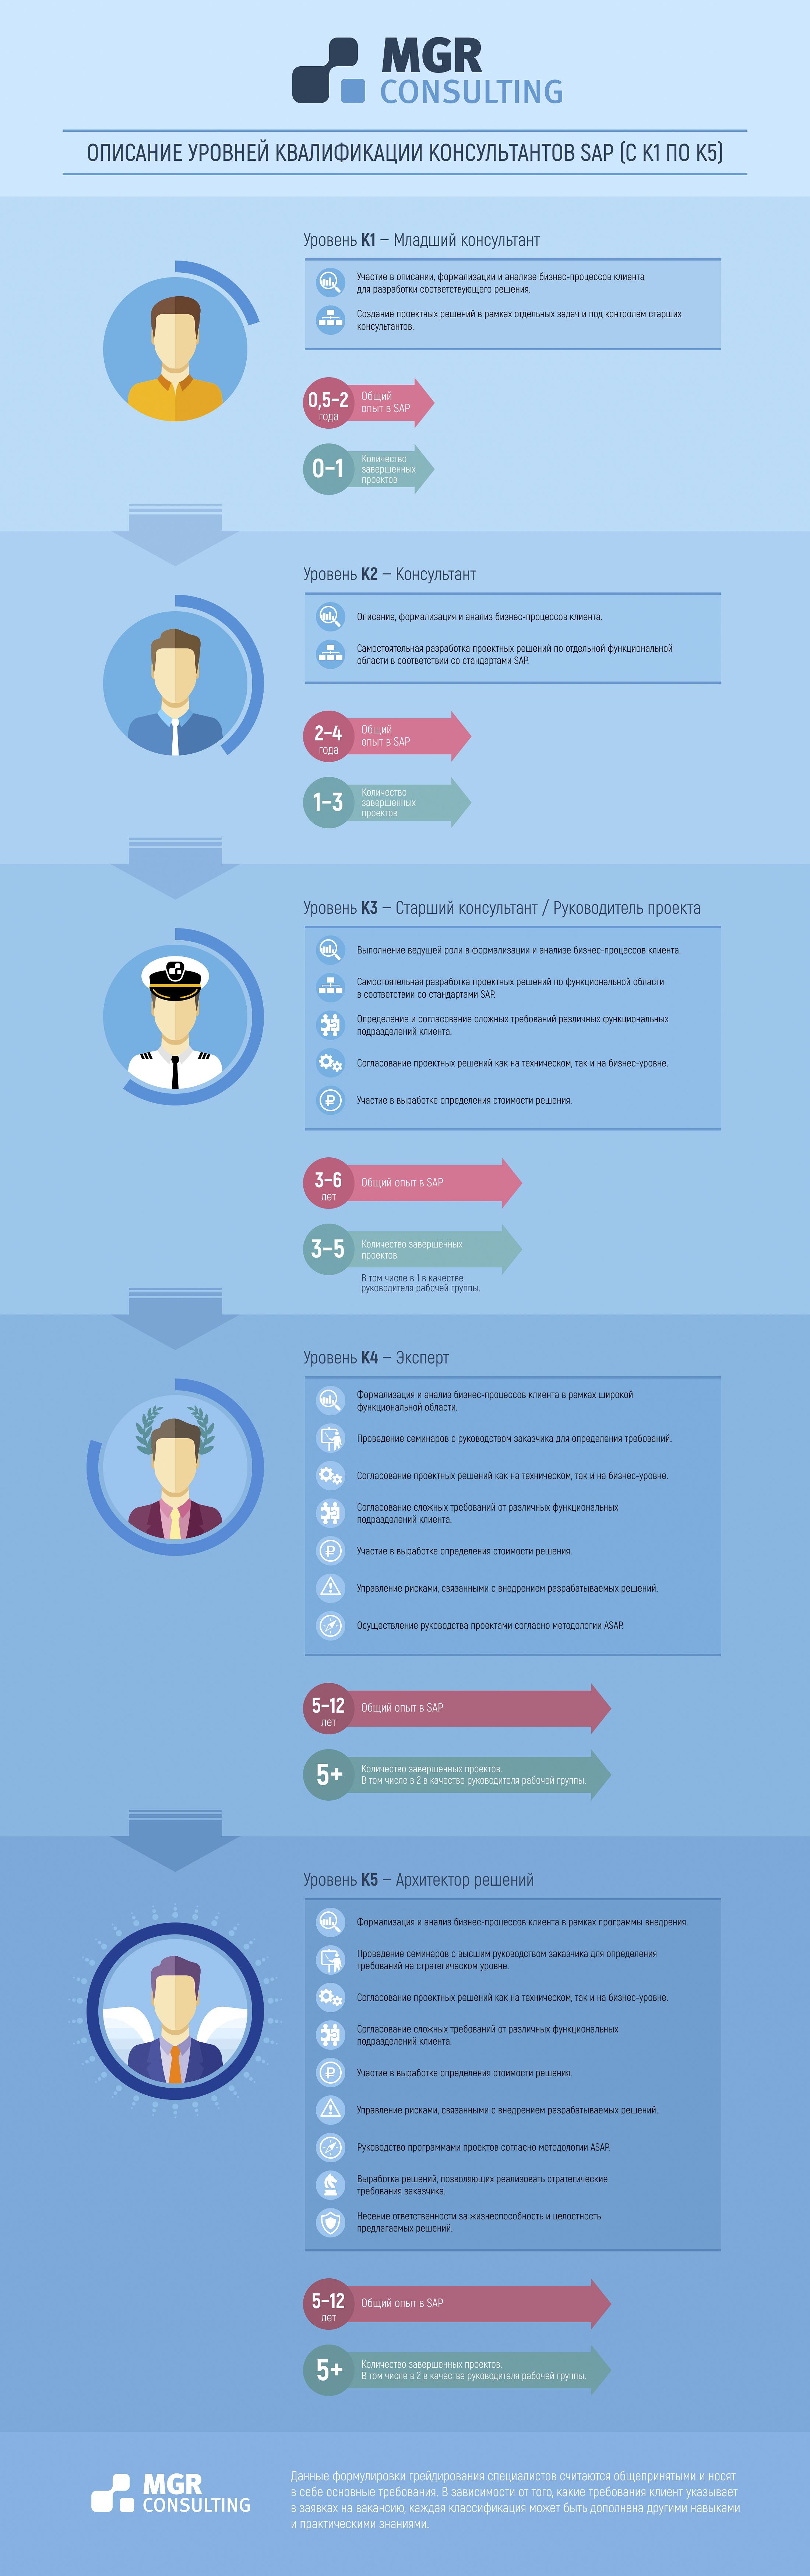 Описание грейдов SAP-консультантов